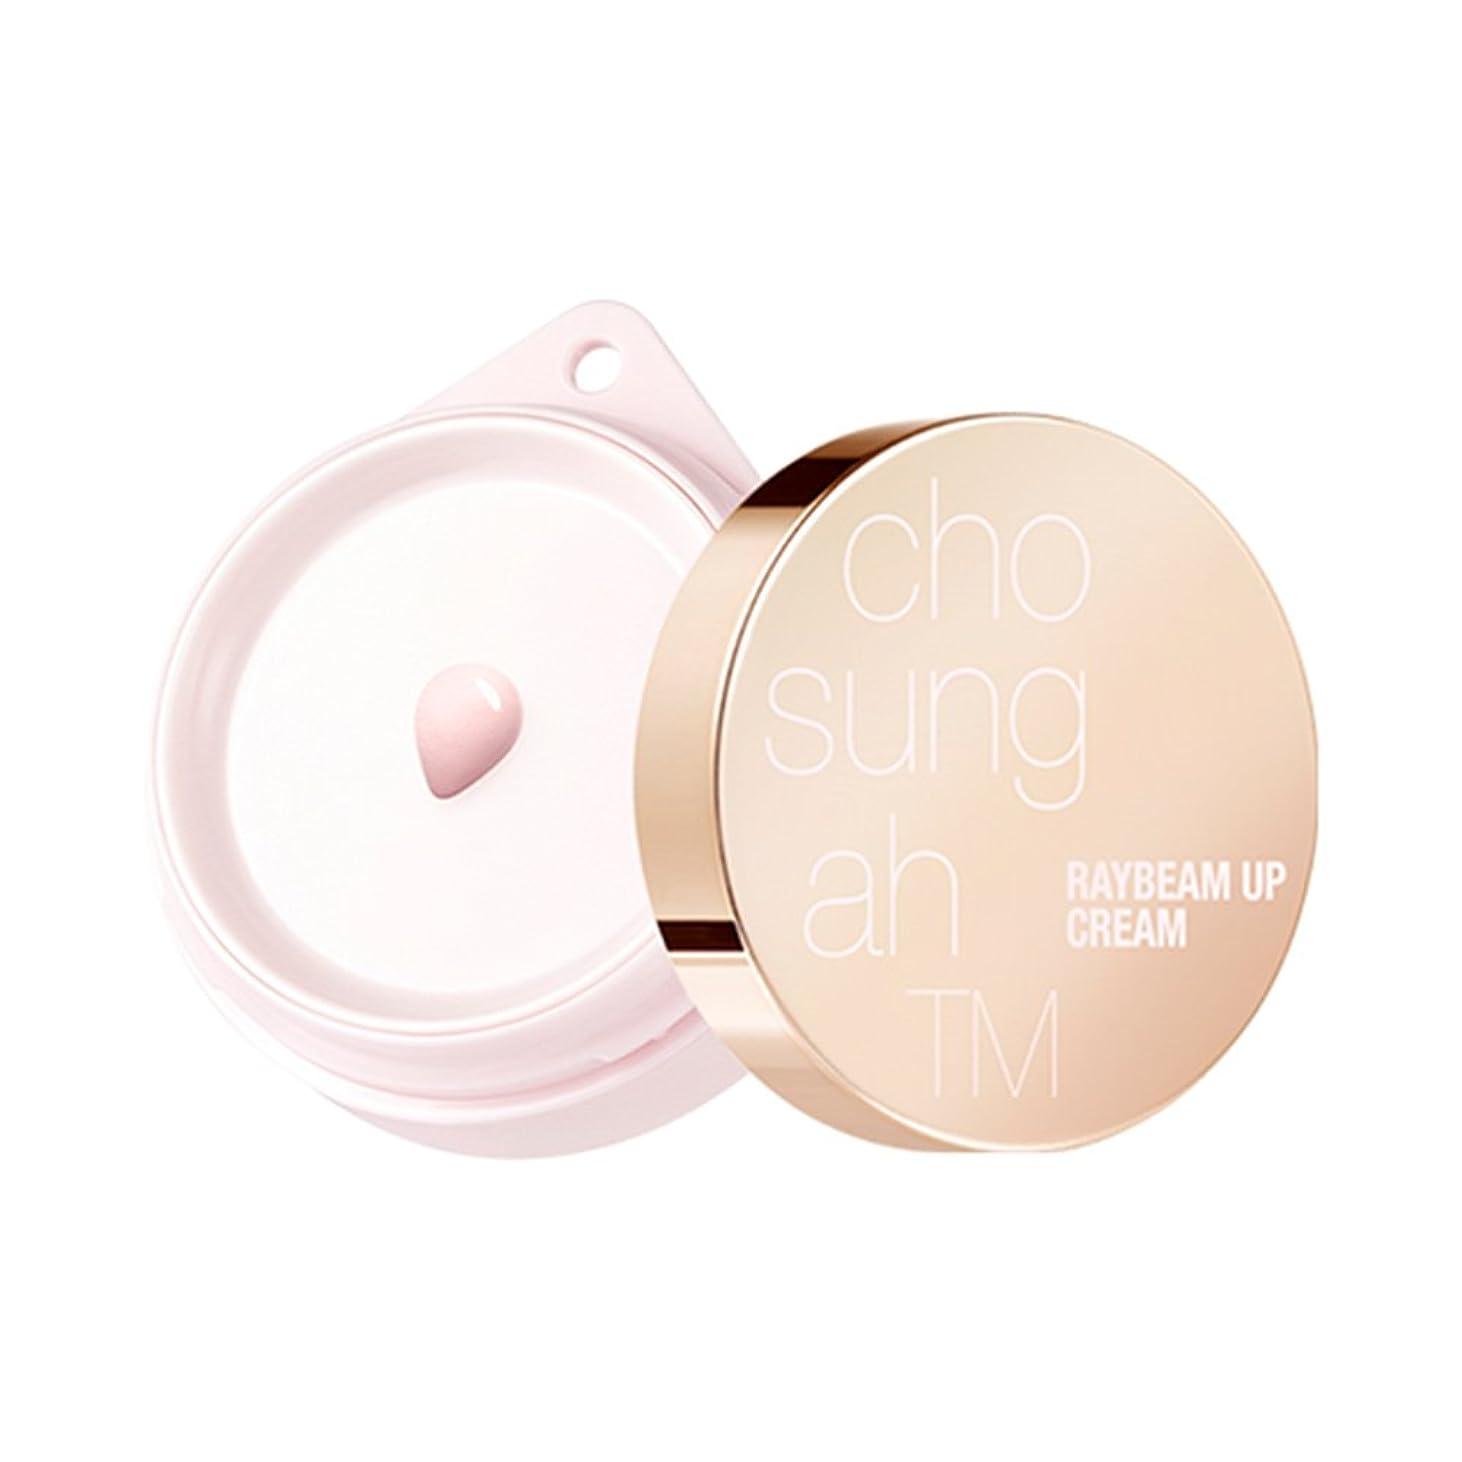 先にトランクライブラリトレード(ジョソンア) Chosungah Raybeam Up Cream Season 2 SPF30/PA++ 14ml (14ml) [並行輸入品]